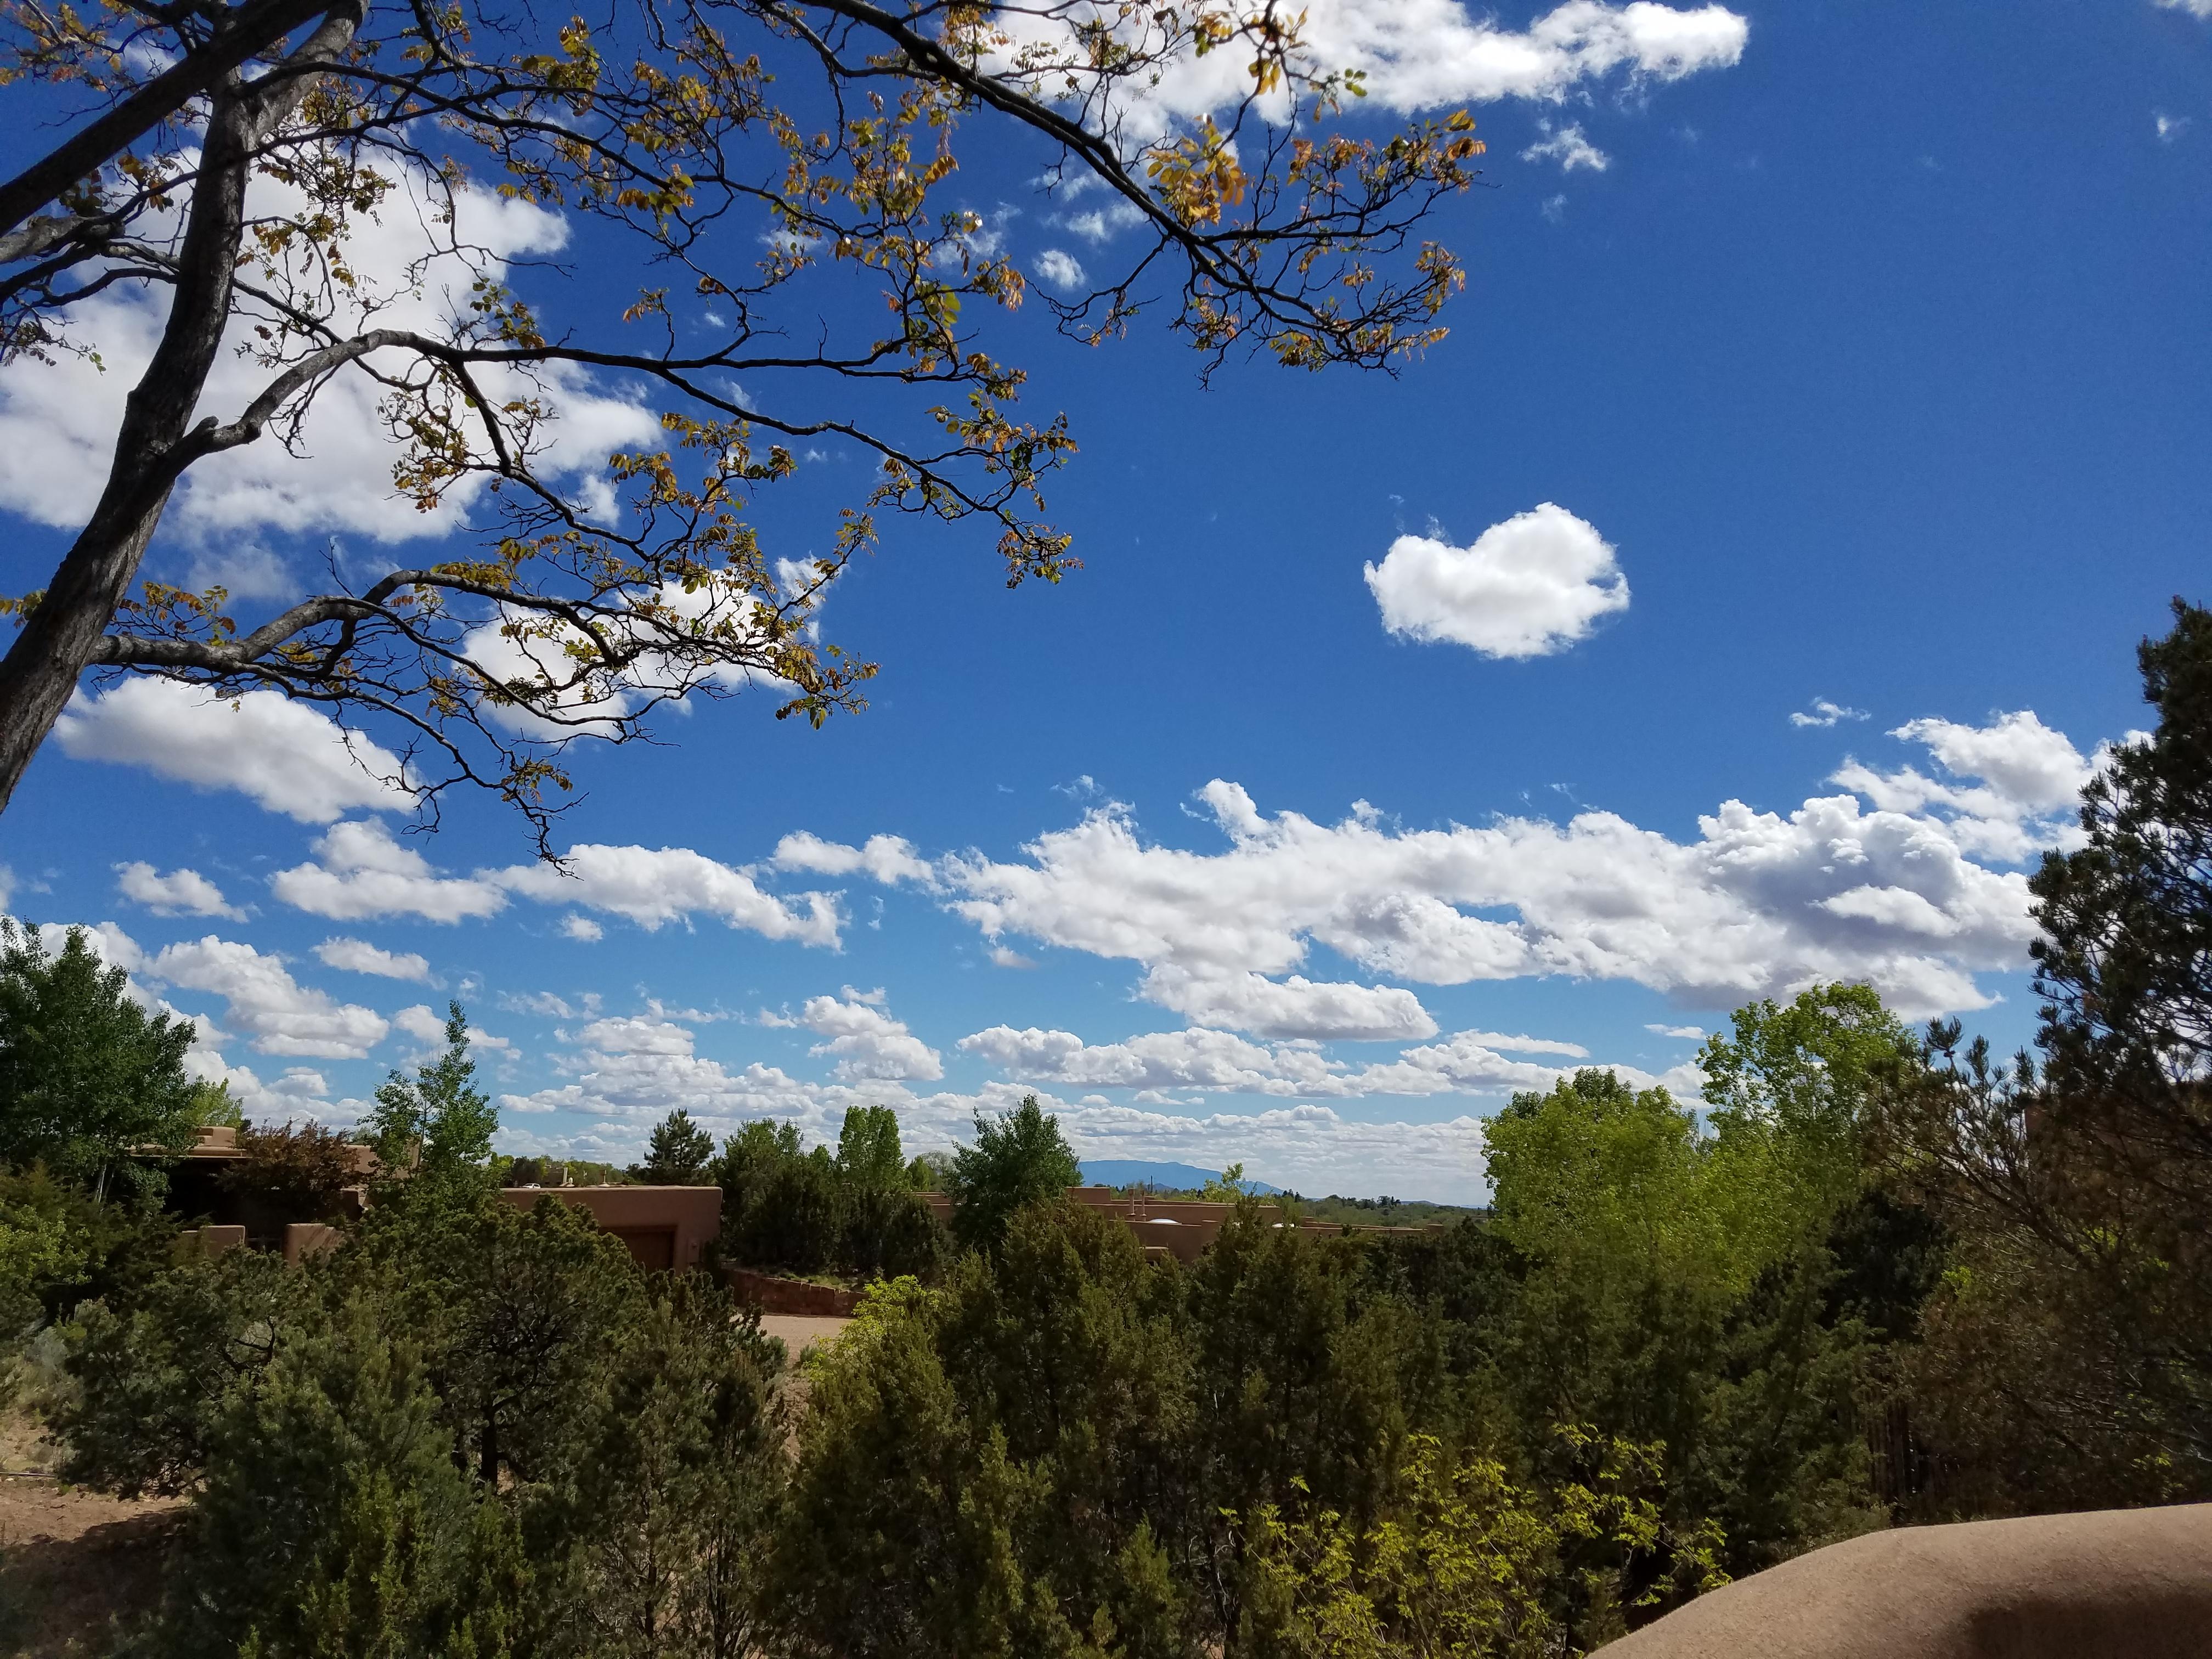 Pretty day